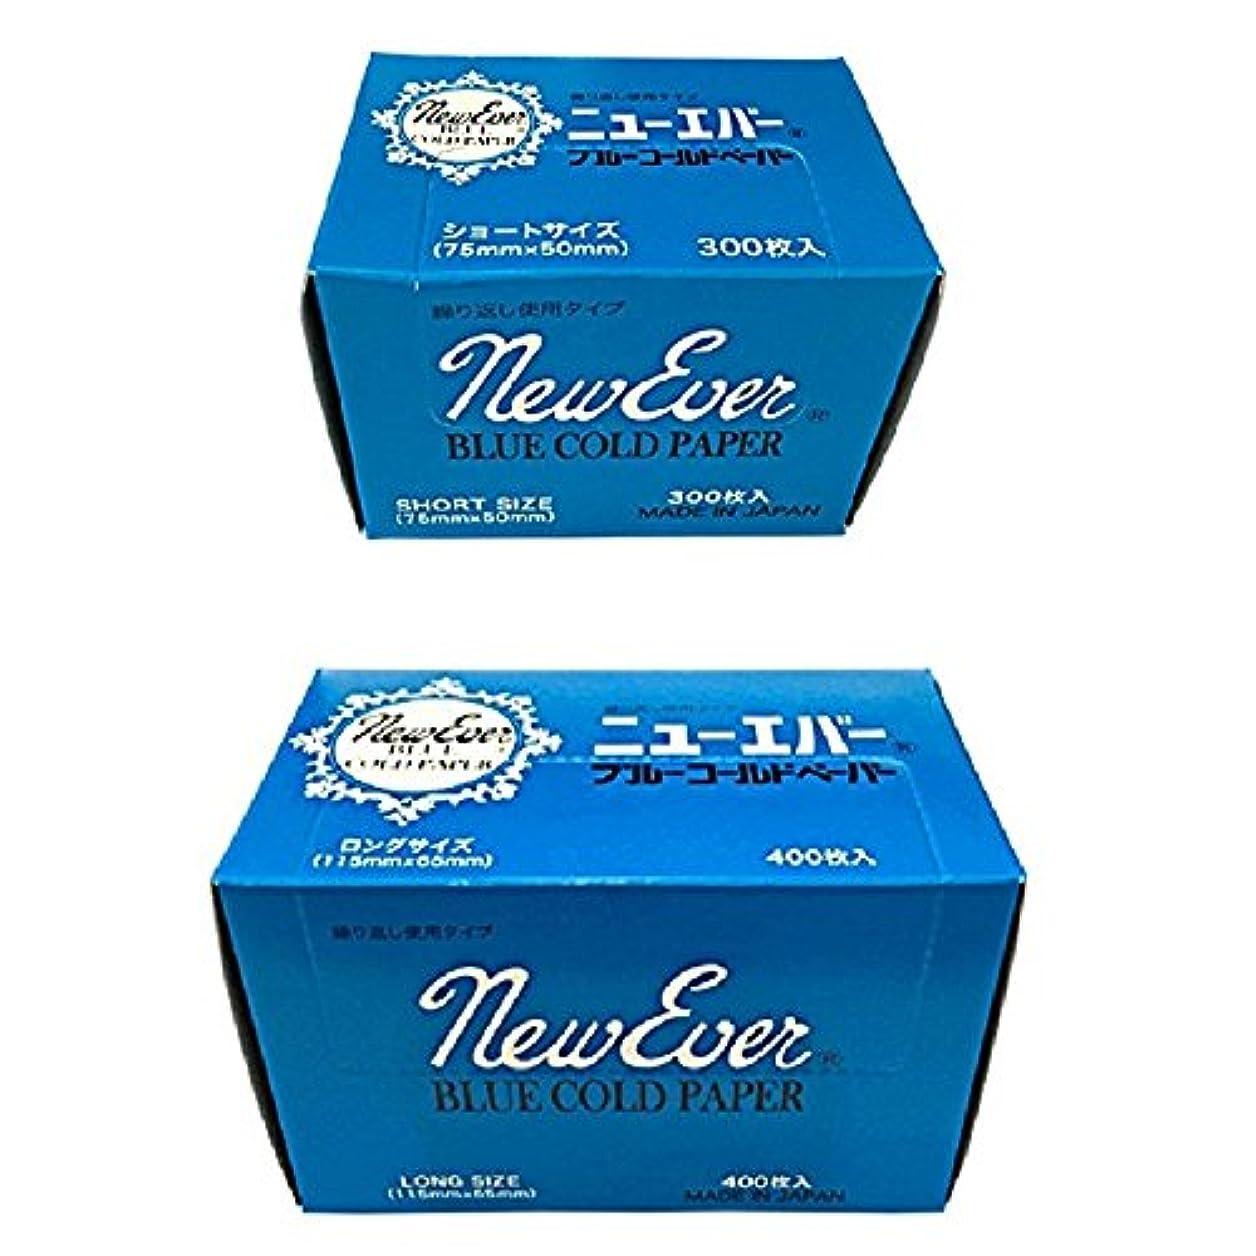 薬剤師染色エンティティ【セット】 エバーメイト ニューエバー ブルーペーパー S スモールサイズ 300枚入り & L ロングサイズ 400枚入